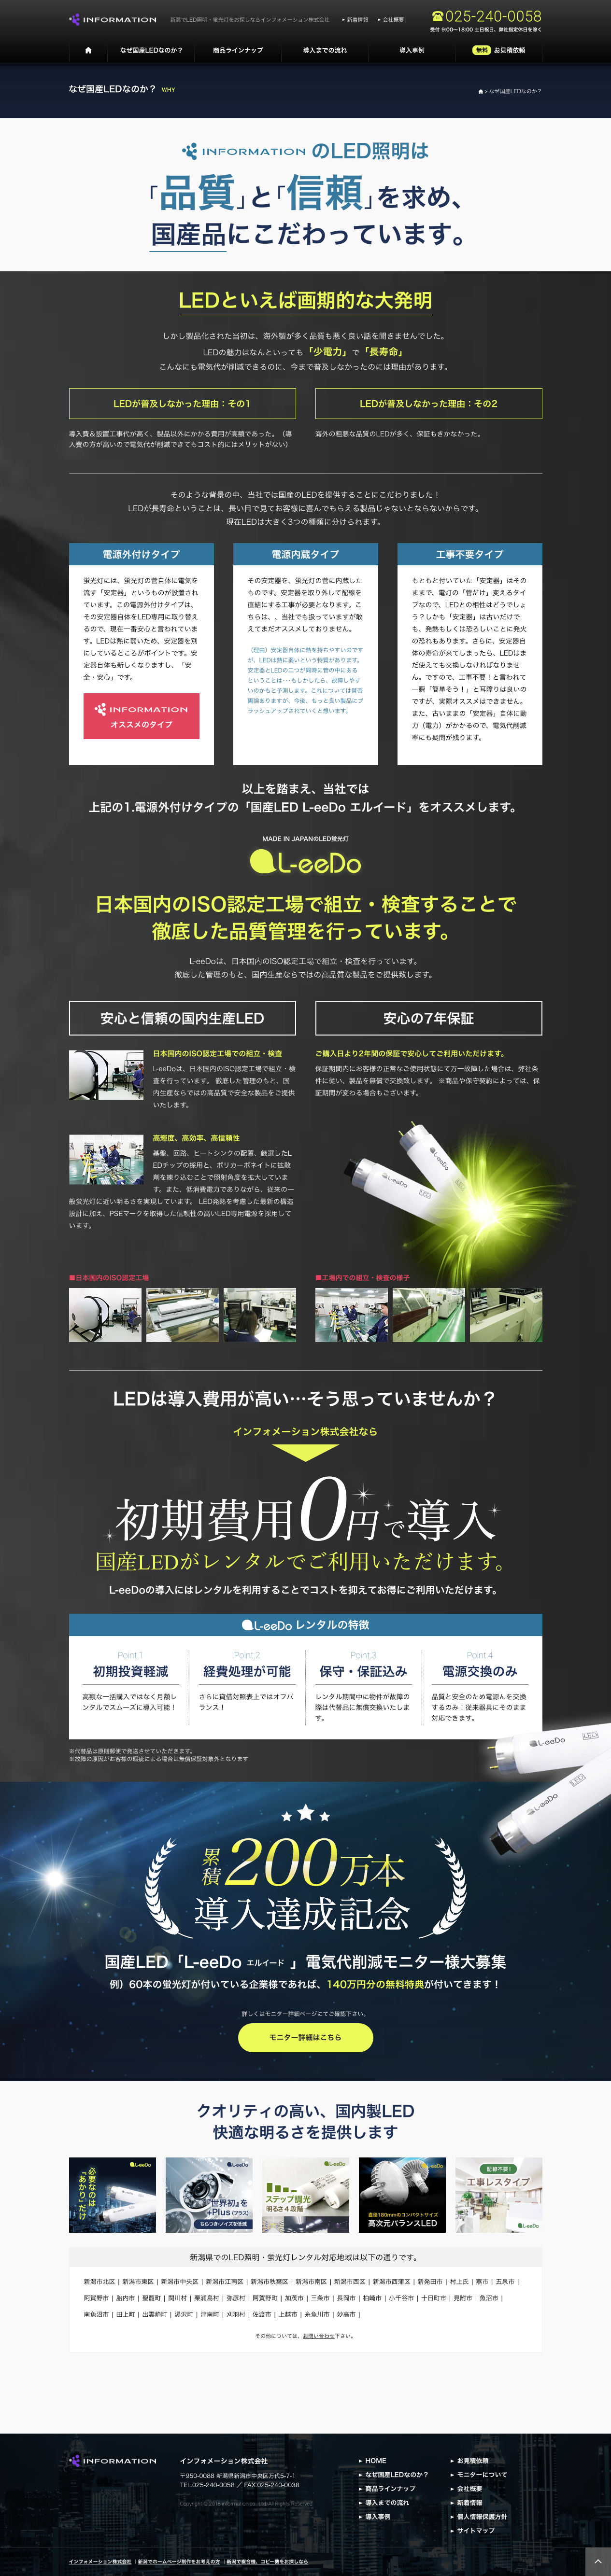 新潟led総合サイト 様のホームページ